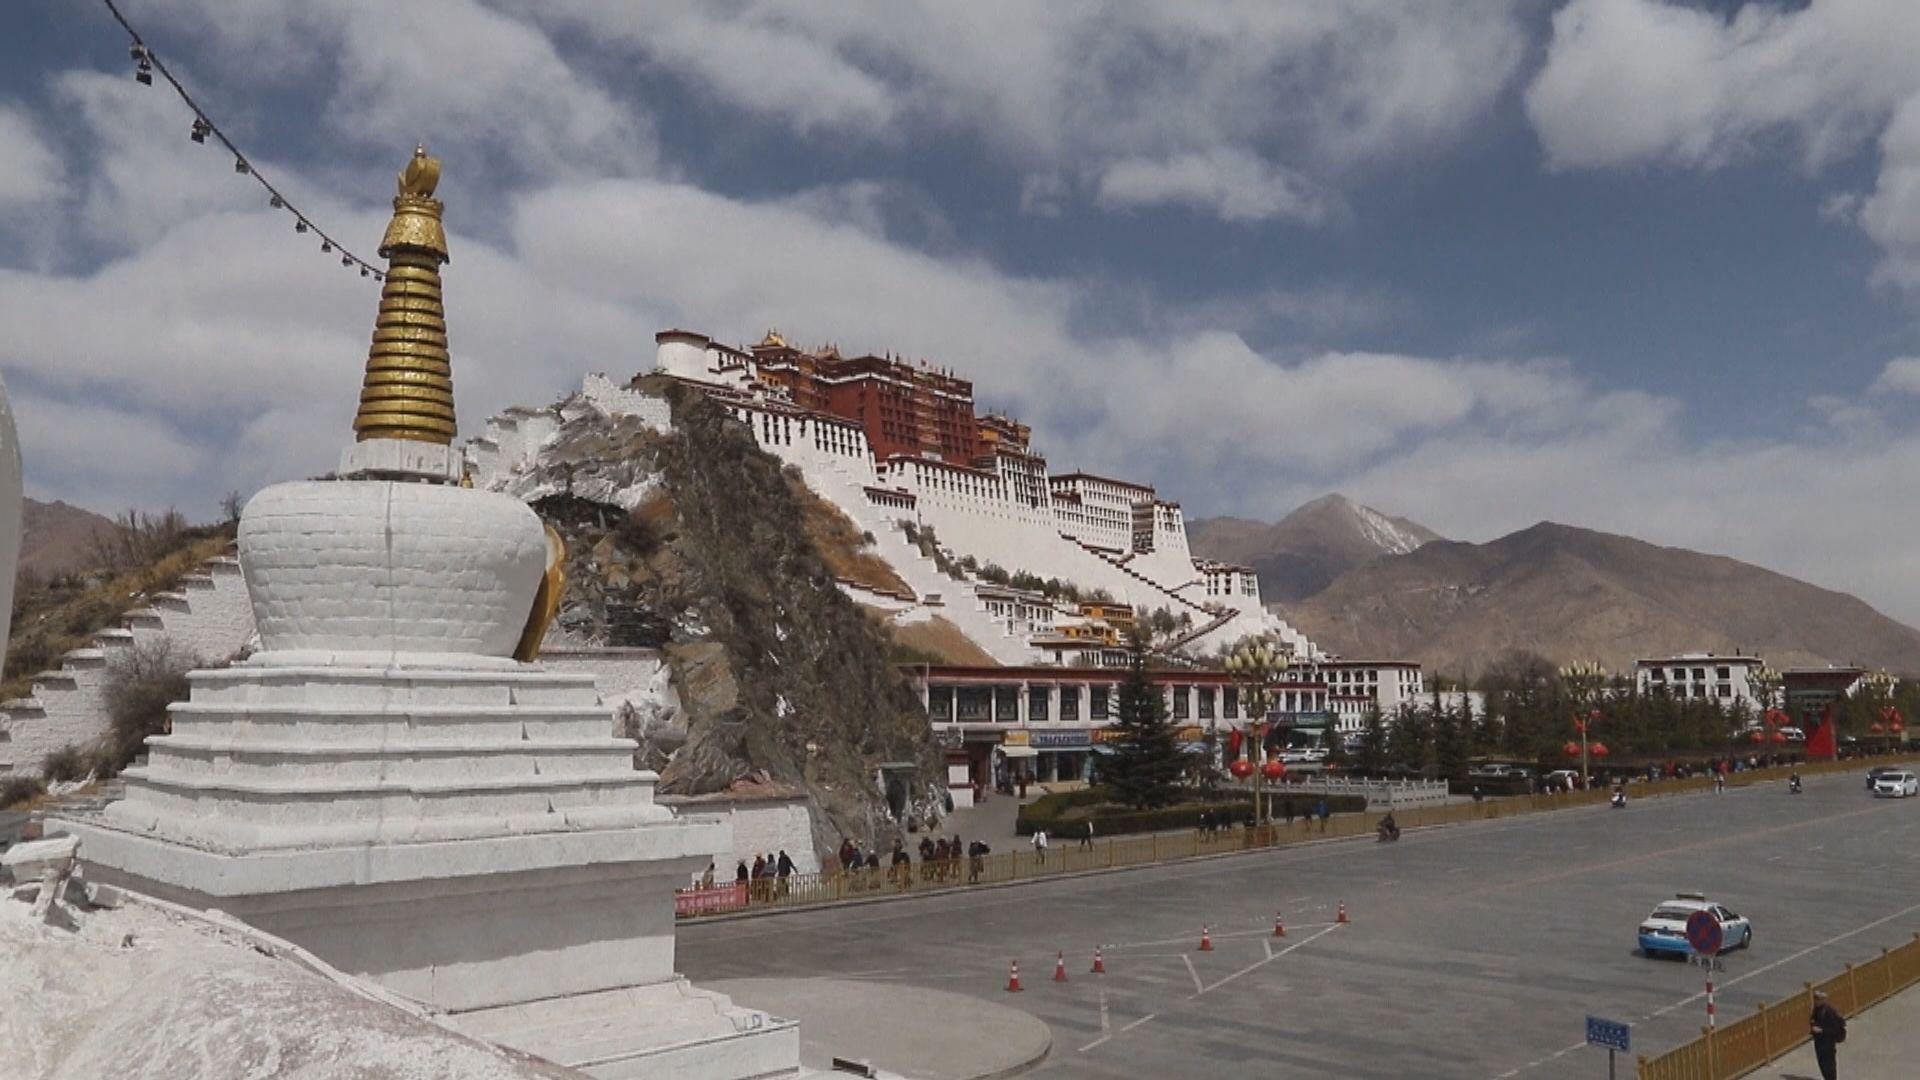 美對限入藏中國官員實施簽證限制 中方警告採同類措施